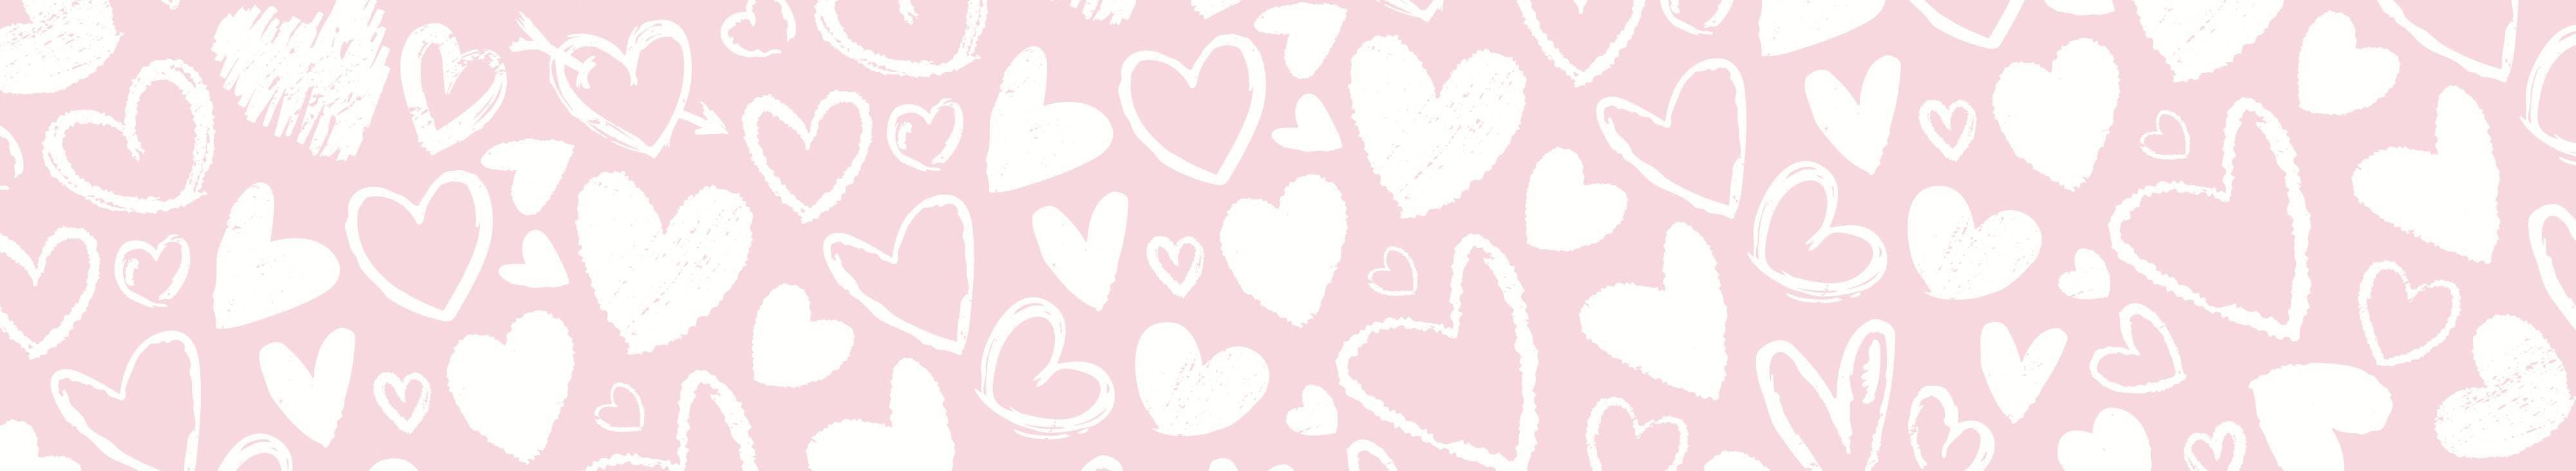 Heart pattern background header